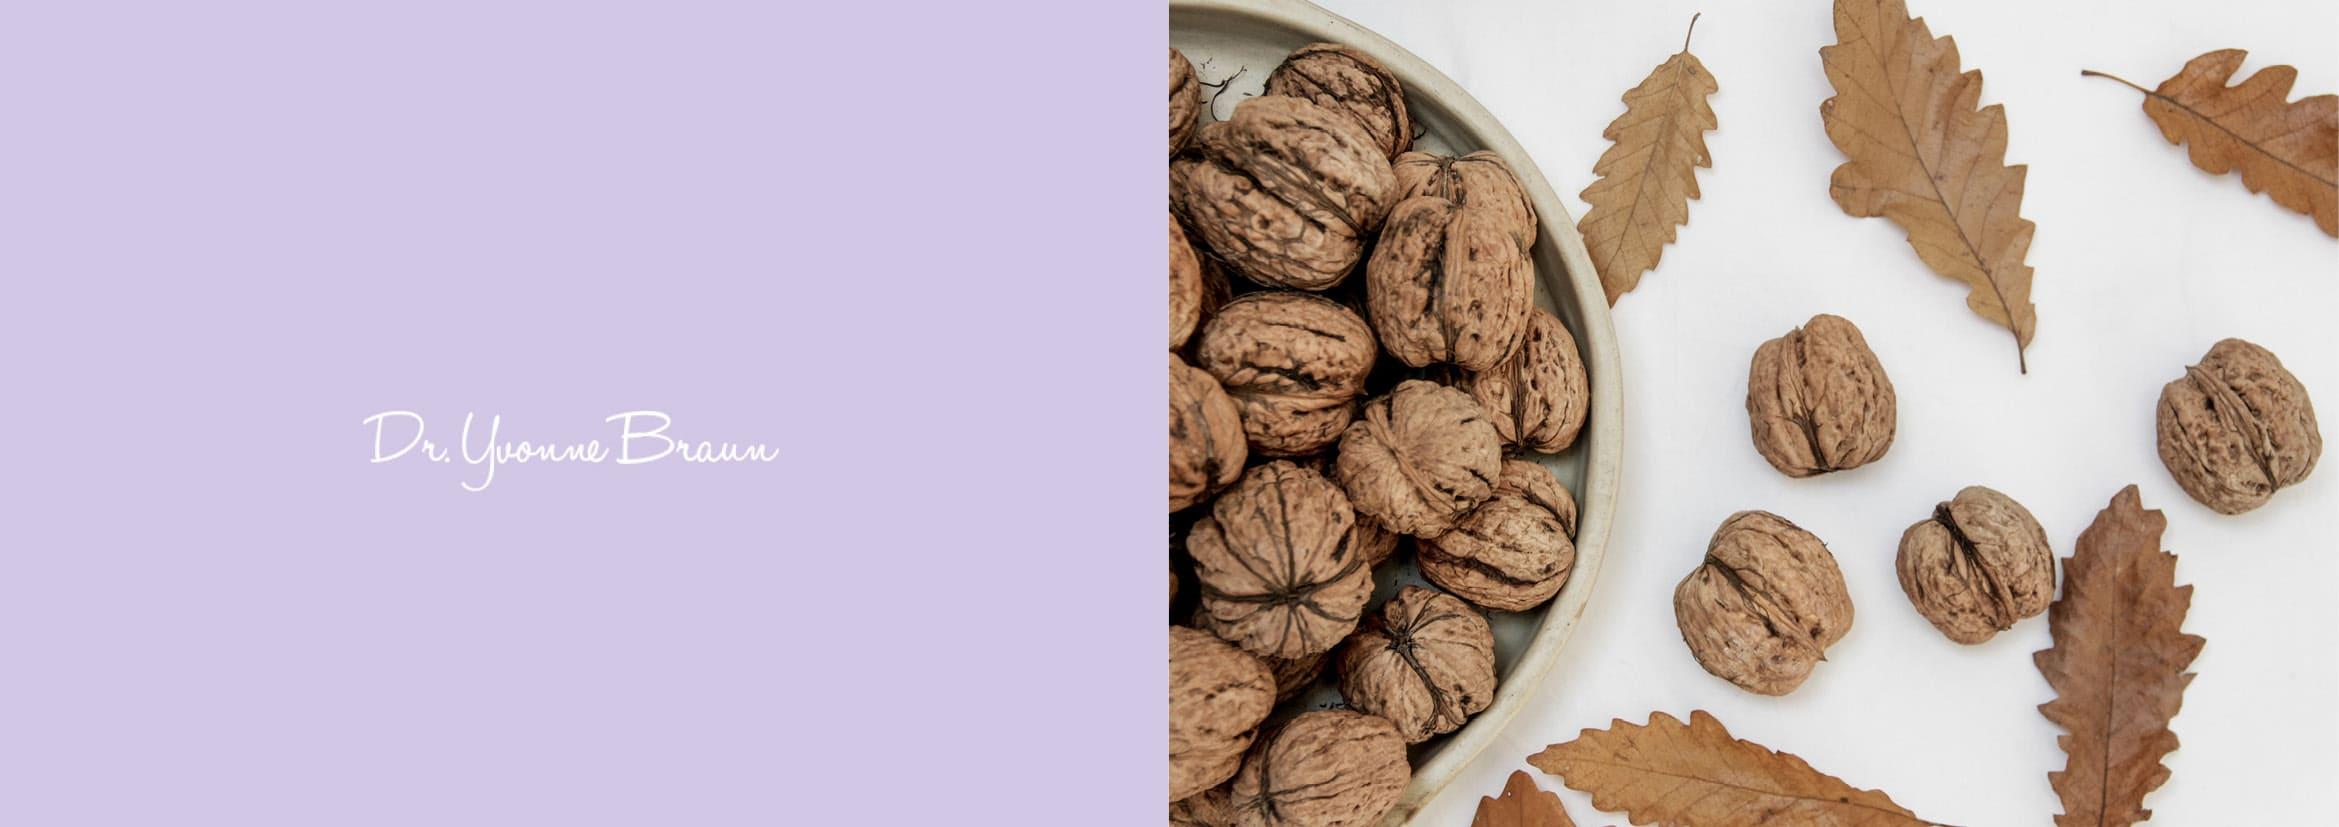 NEW BUSINESS: Beauftragung mit Design-Leistungen für Ernährungsberaterin aus München durch Grafik-Designer Ronald Wissler